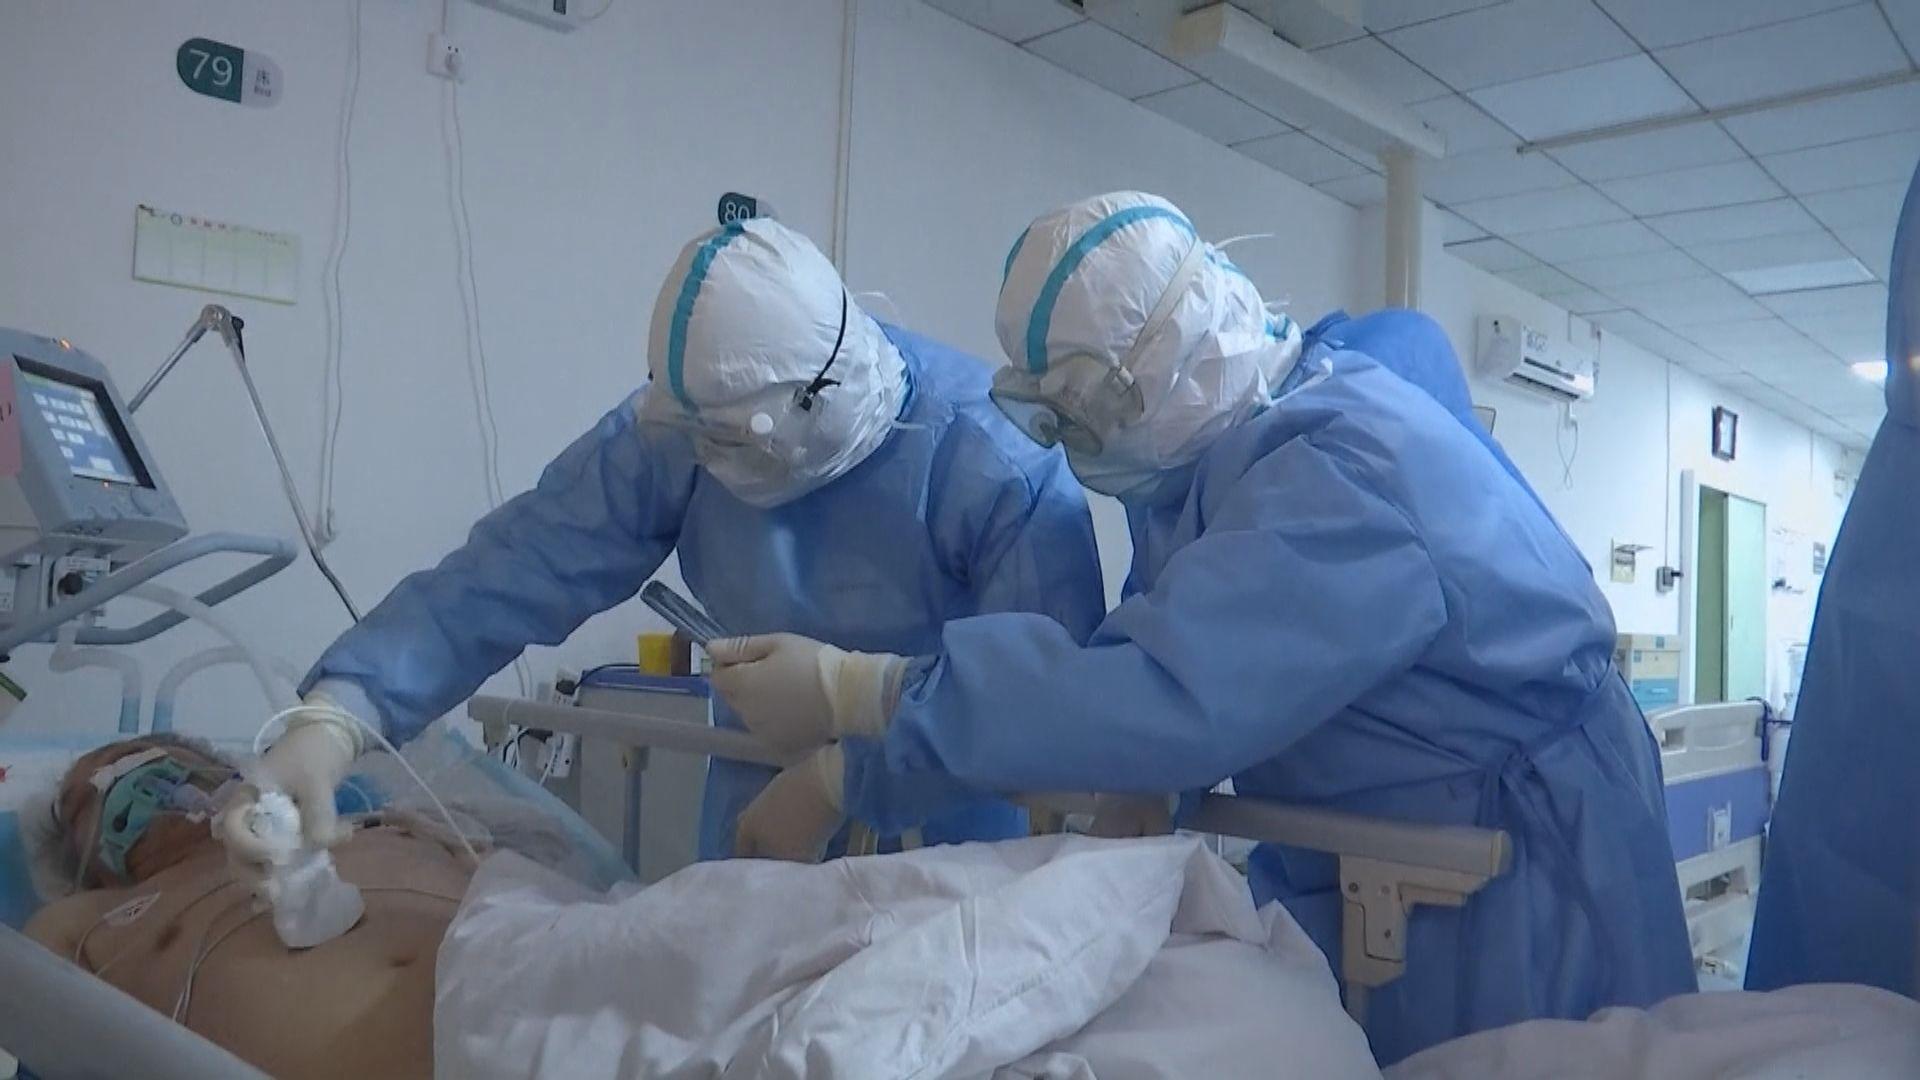 報道指世衛專家組疑中國首宗新冠病例比公布更早出現